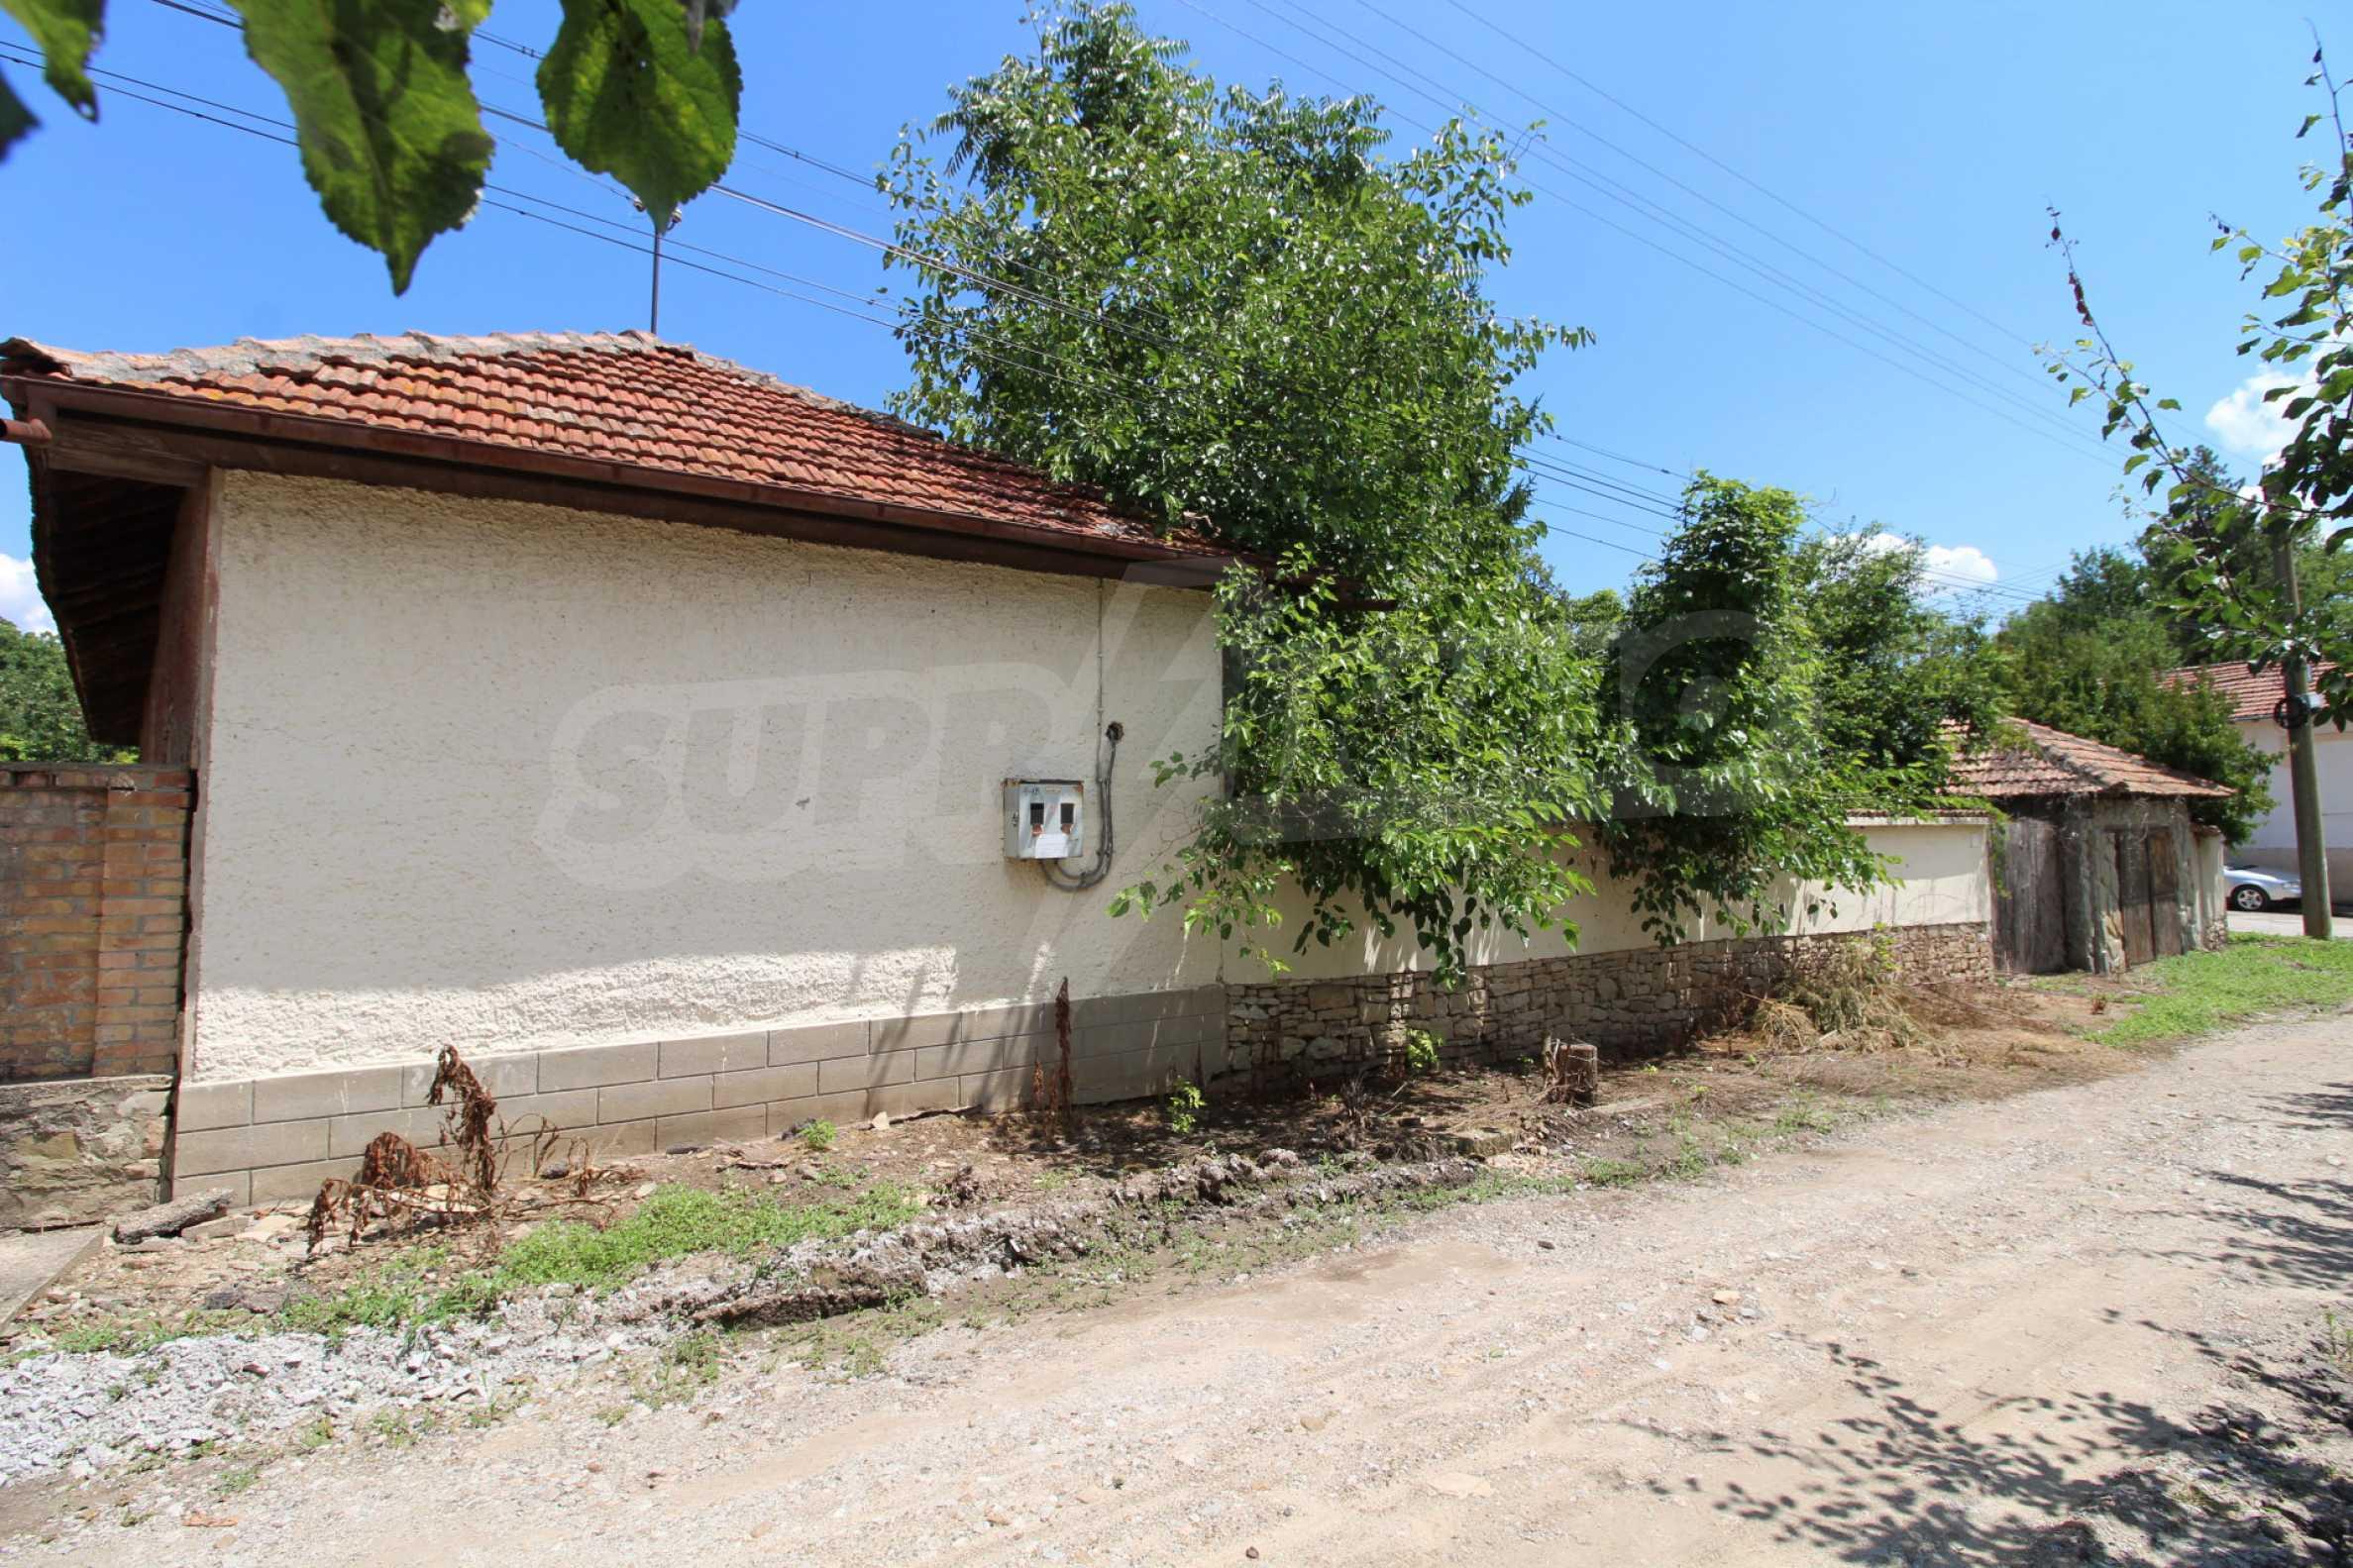 Едноетажна селска къща върху маза на 20 км от Велико Търново